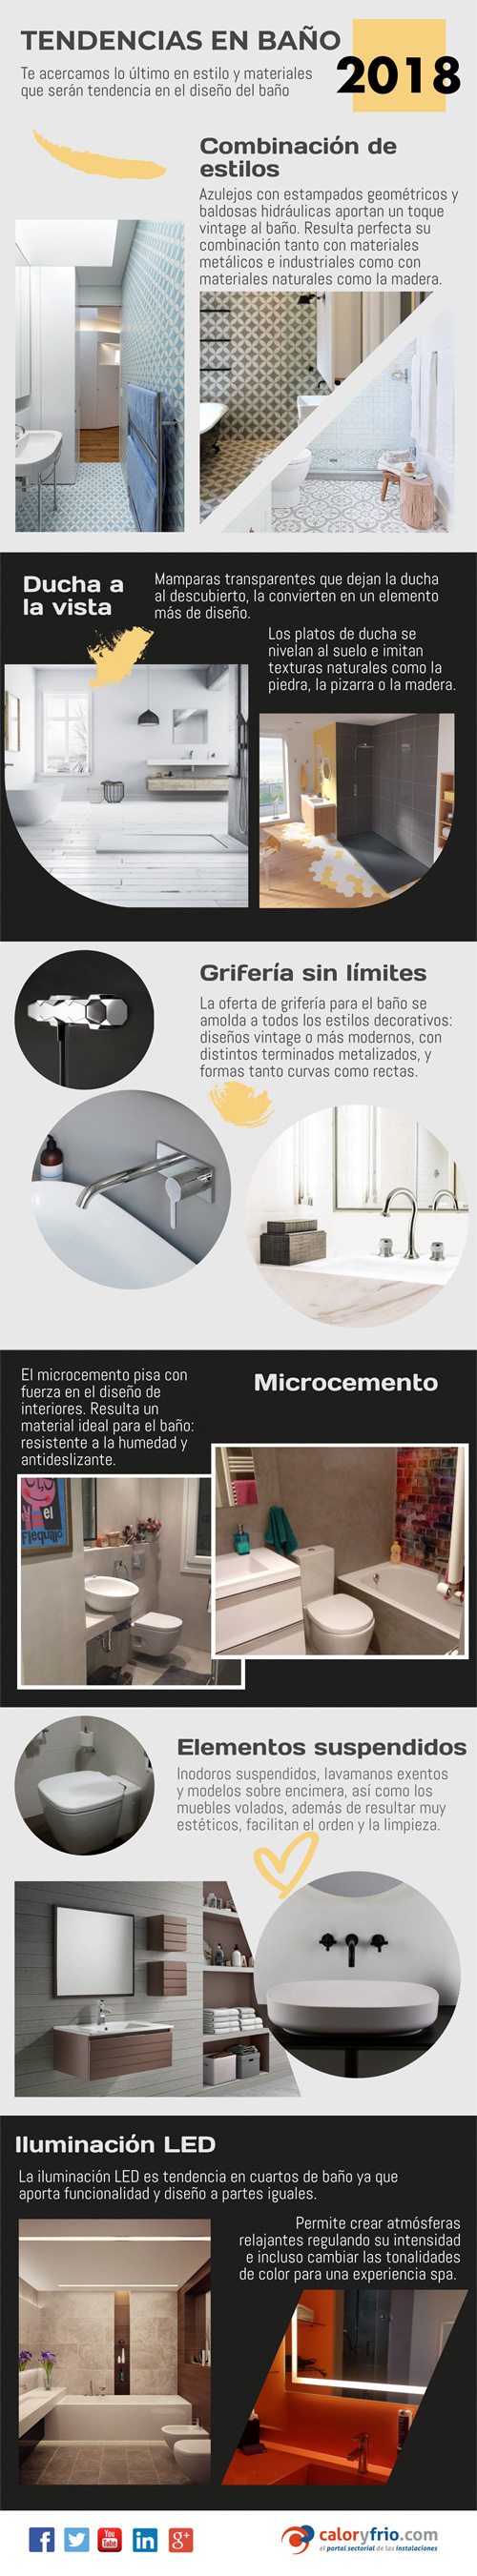 Lo último en baños 2018 : Tendencias en el cuarto de baño (Infografía)